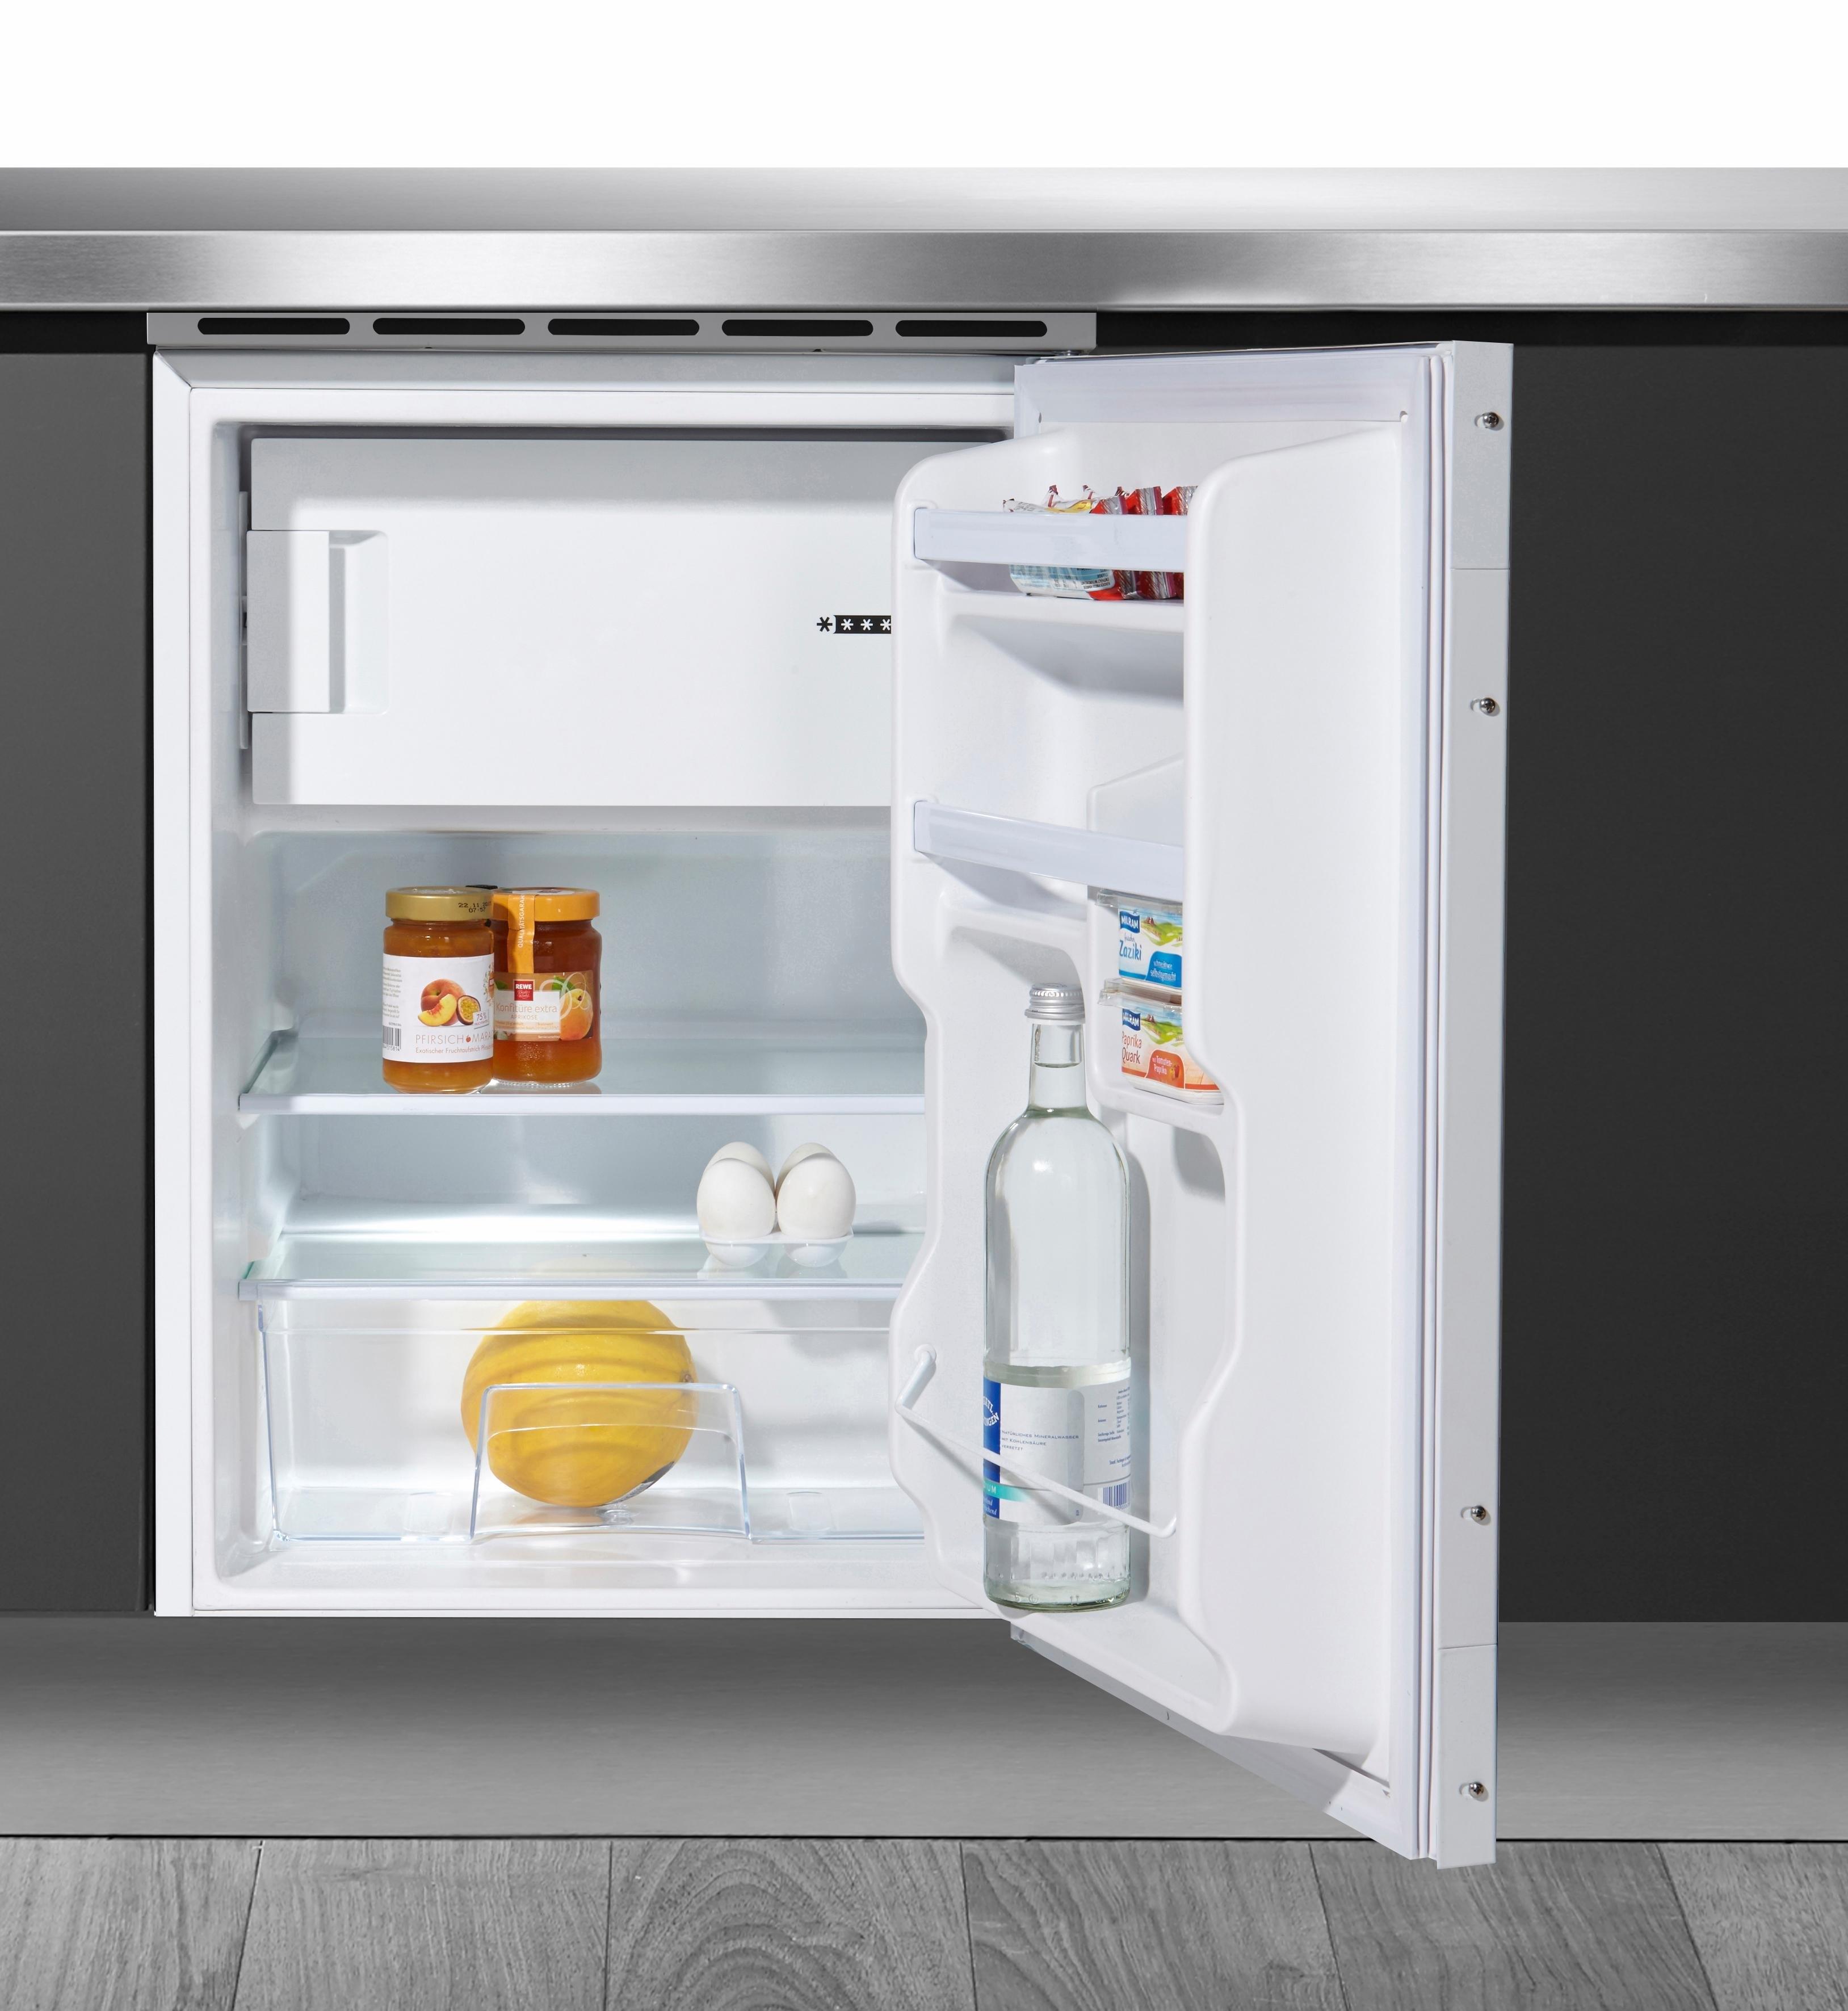 Amica koelkast UKS 16157, A++, 78,5 cm hoog goedkoop op otto.nl kopen